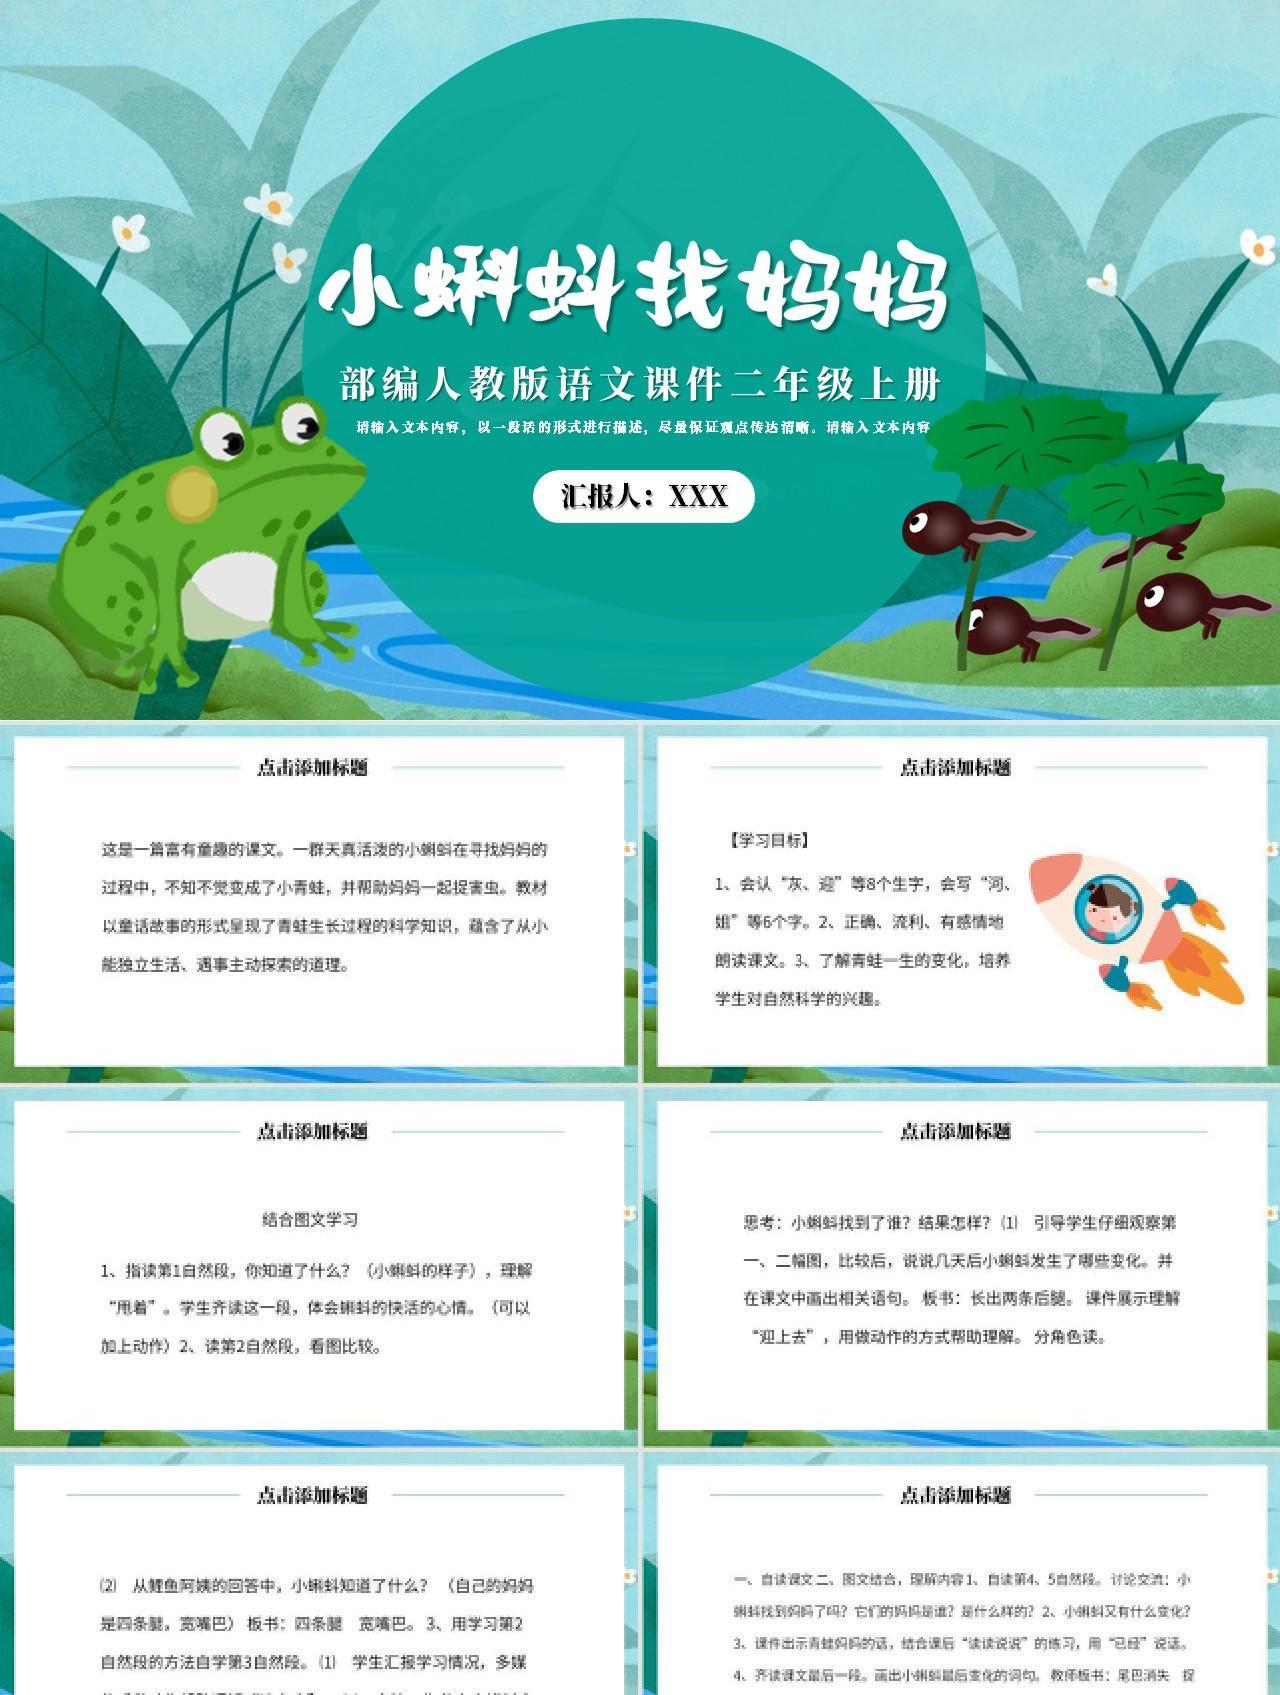 绿色卡通风小蝌蚪找妈妈语文教学课件PPT模板